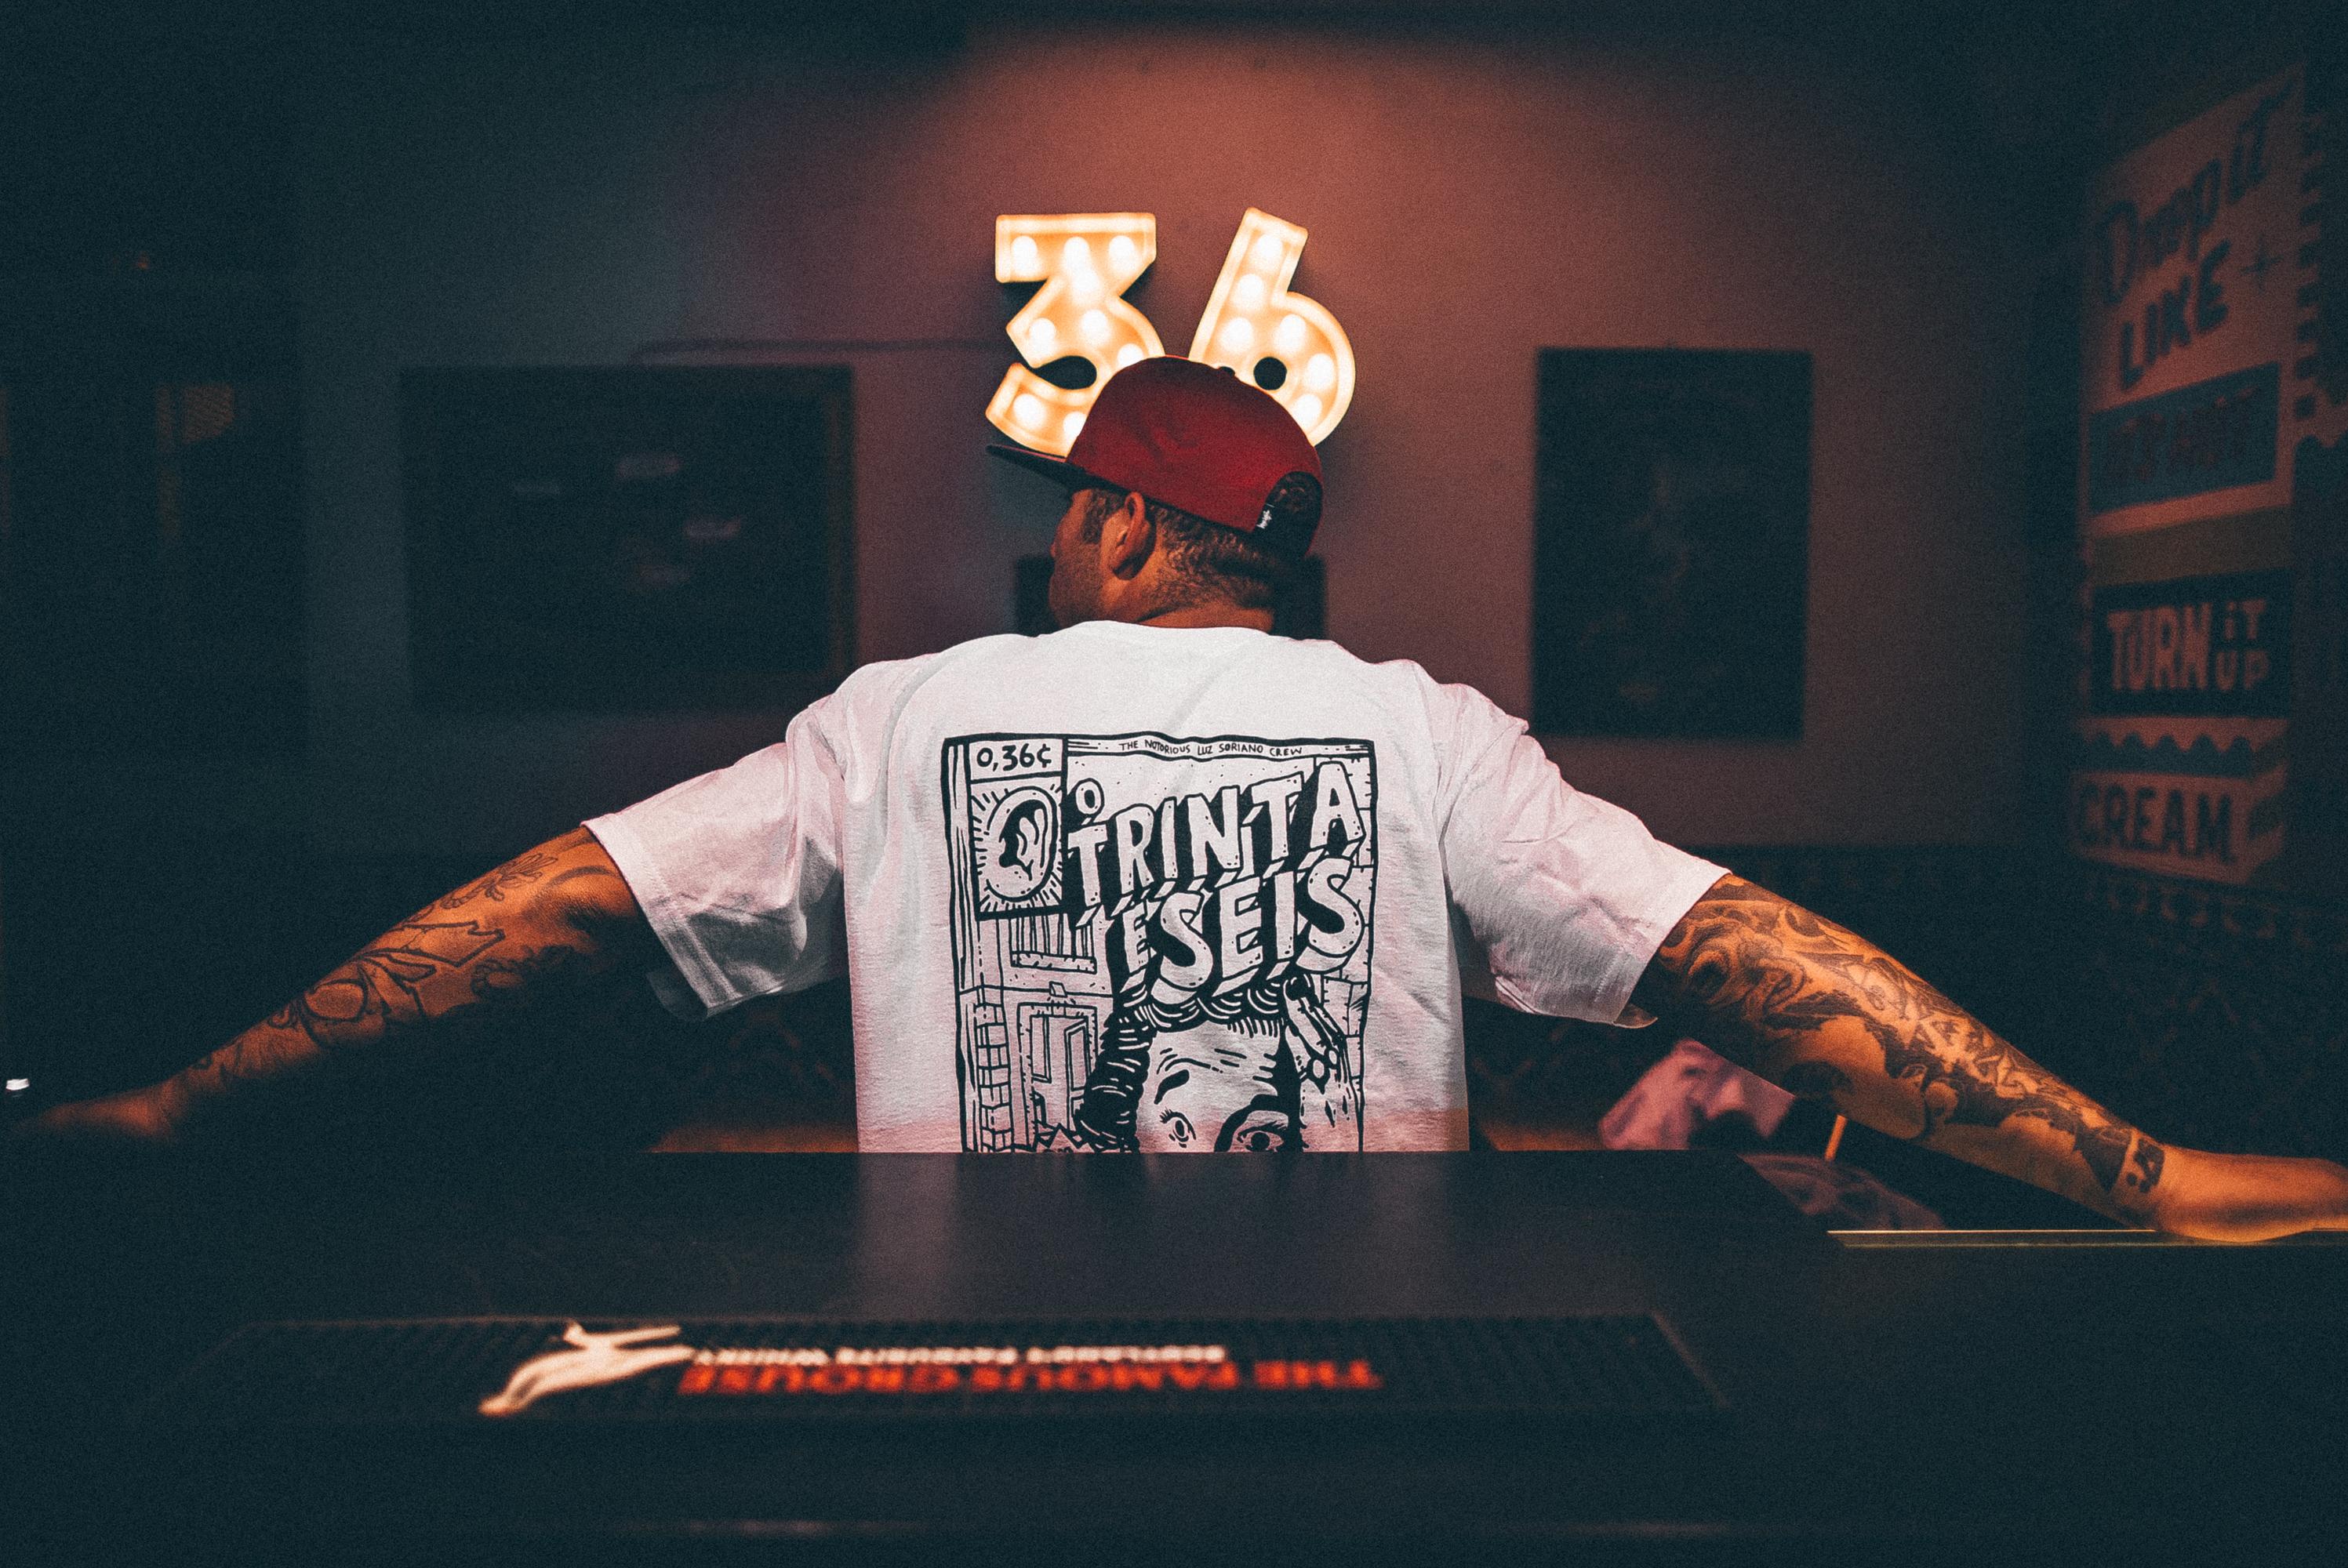 36 bar